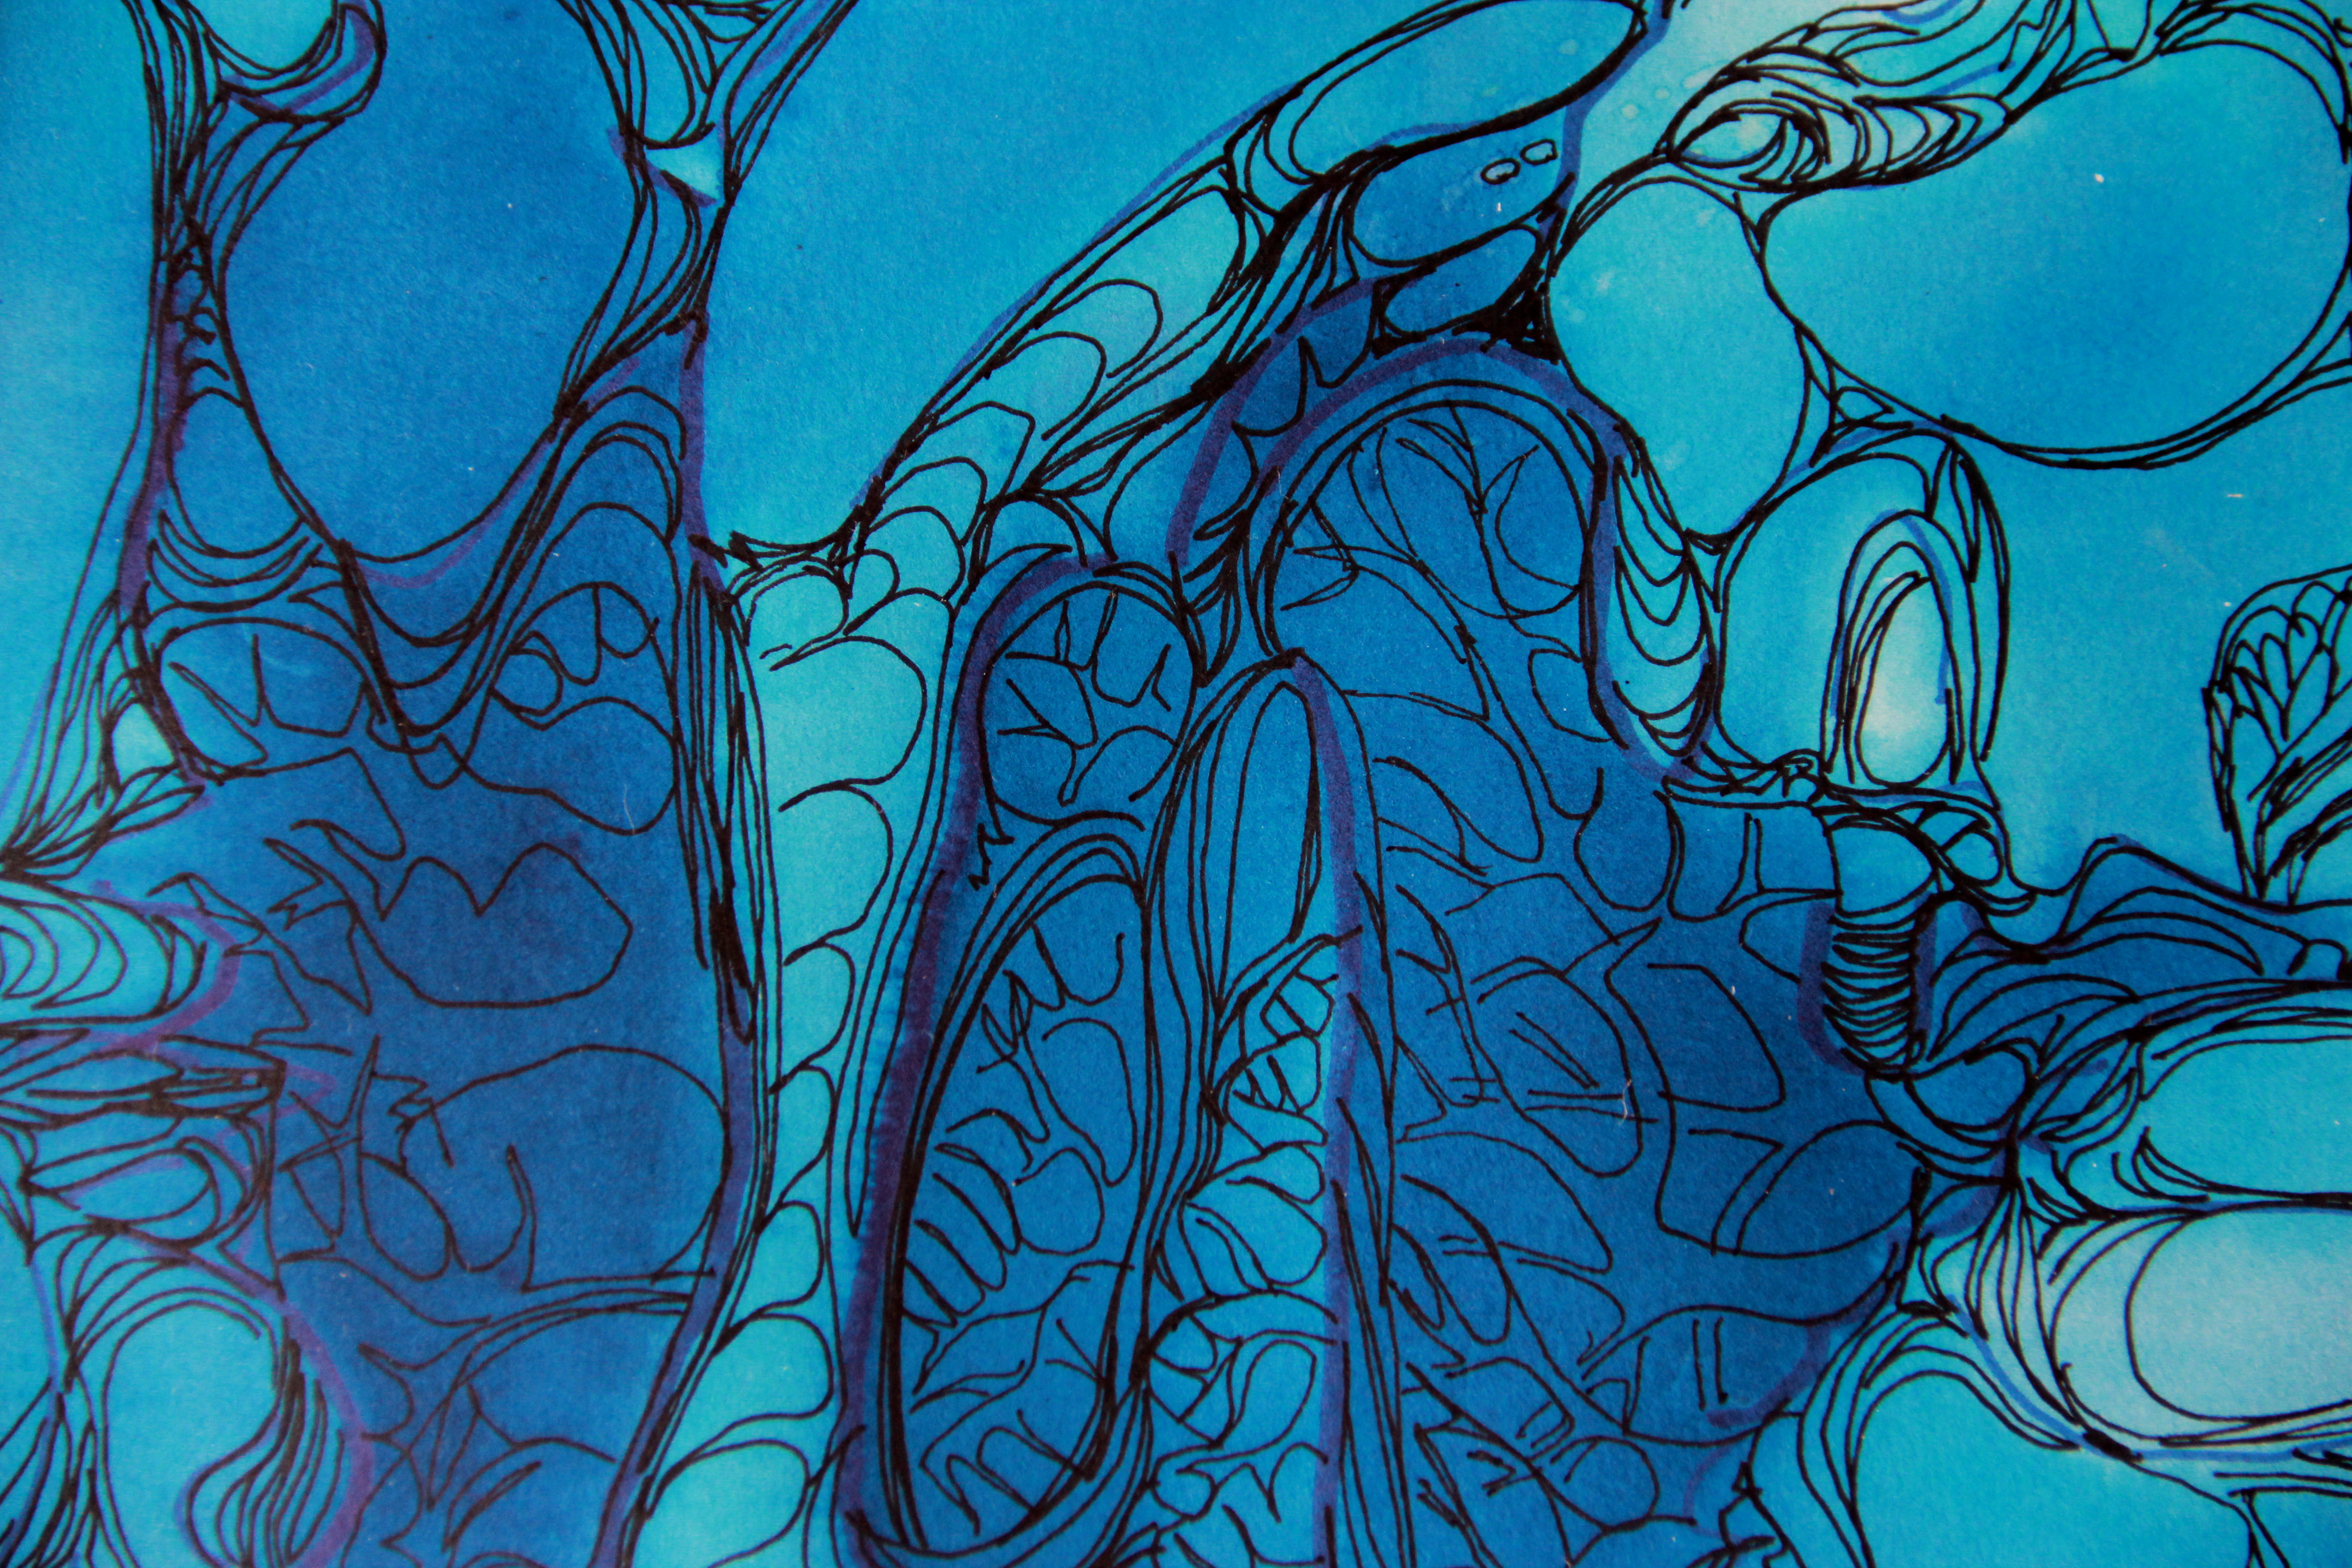 Magma détail - Peinture - Isabelle Milléquant Surr